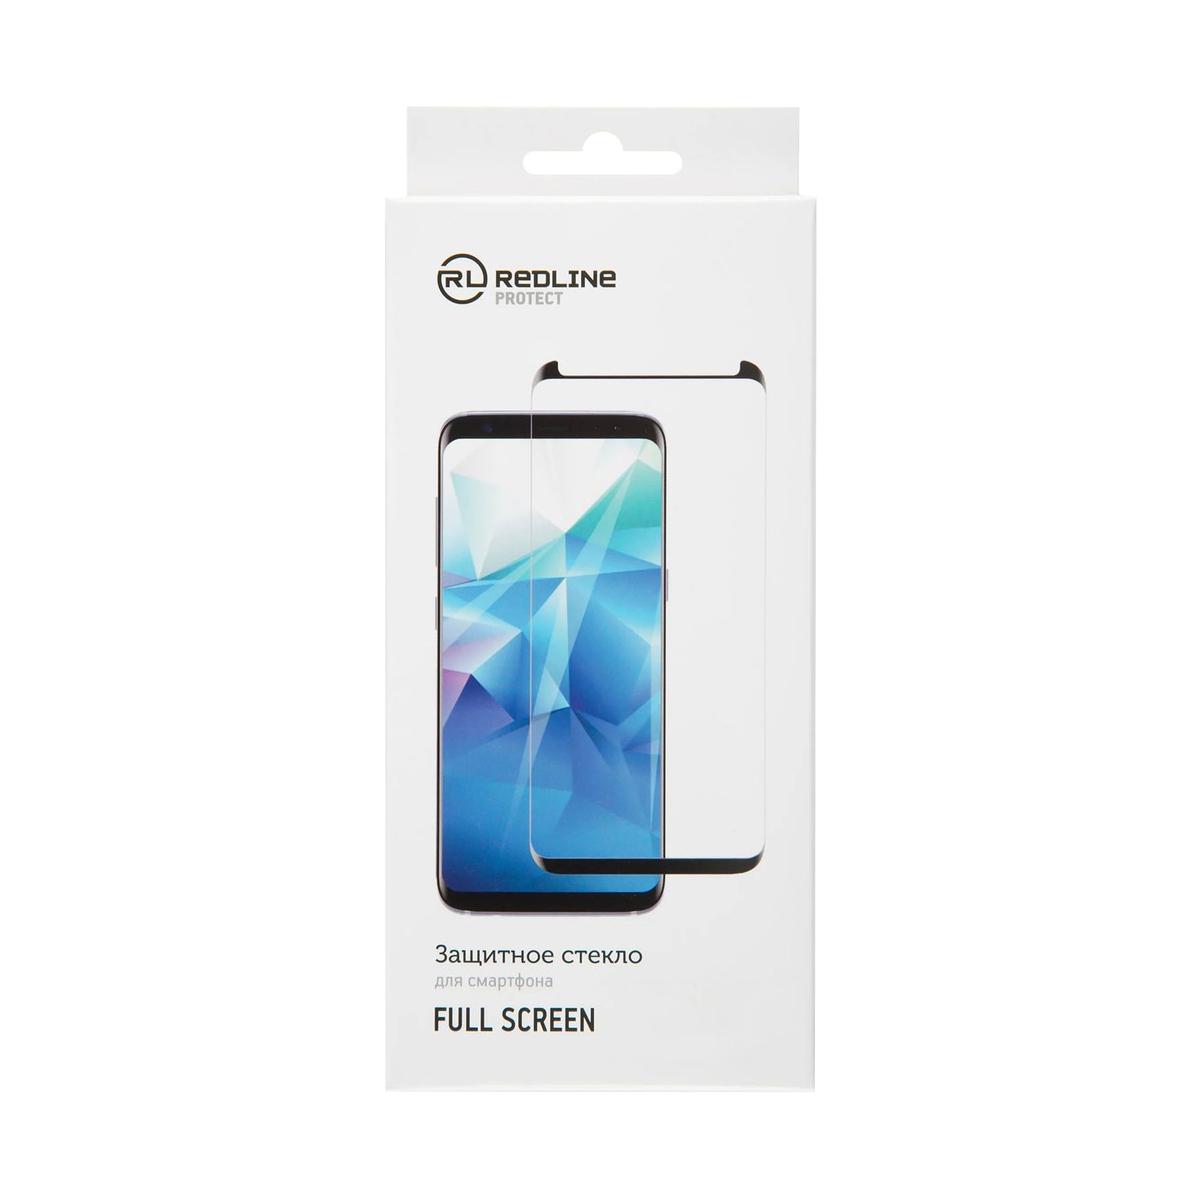 Защитное стекло Red Line Full Screen для Samsung Galaxy A40, черный фото